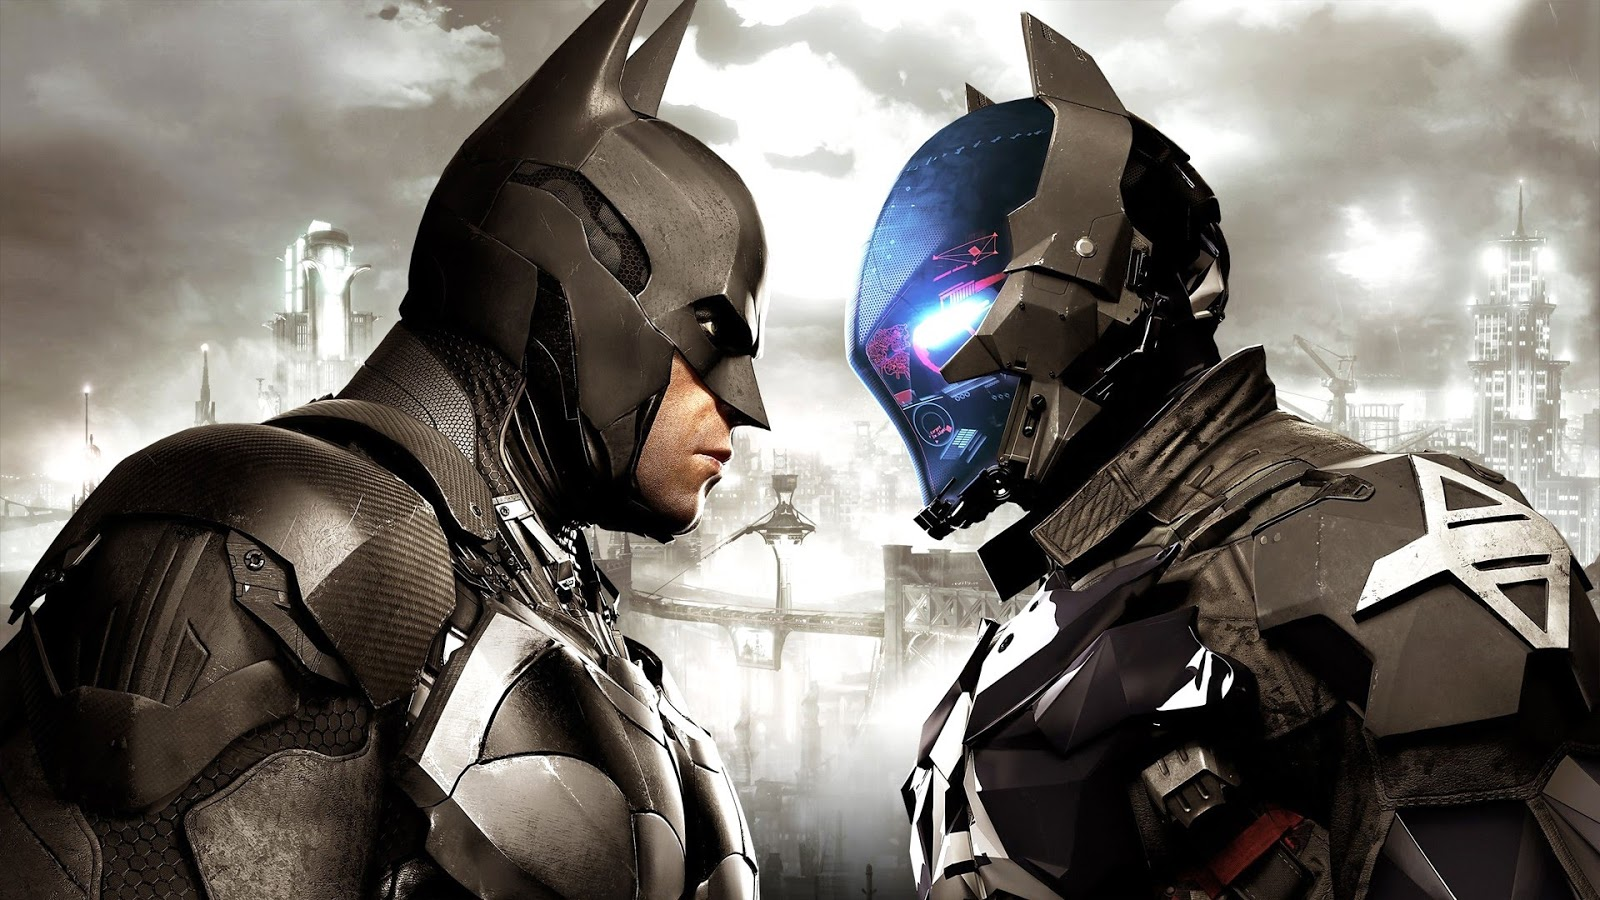 ¡Rumor indica 4 nuevas películas relacionadas con Batman para 2019!, para su 80 aniversario